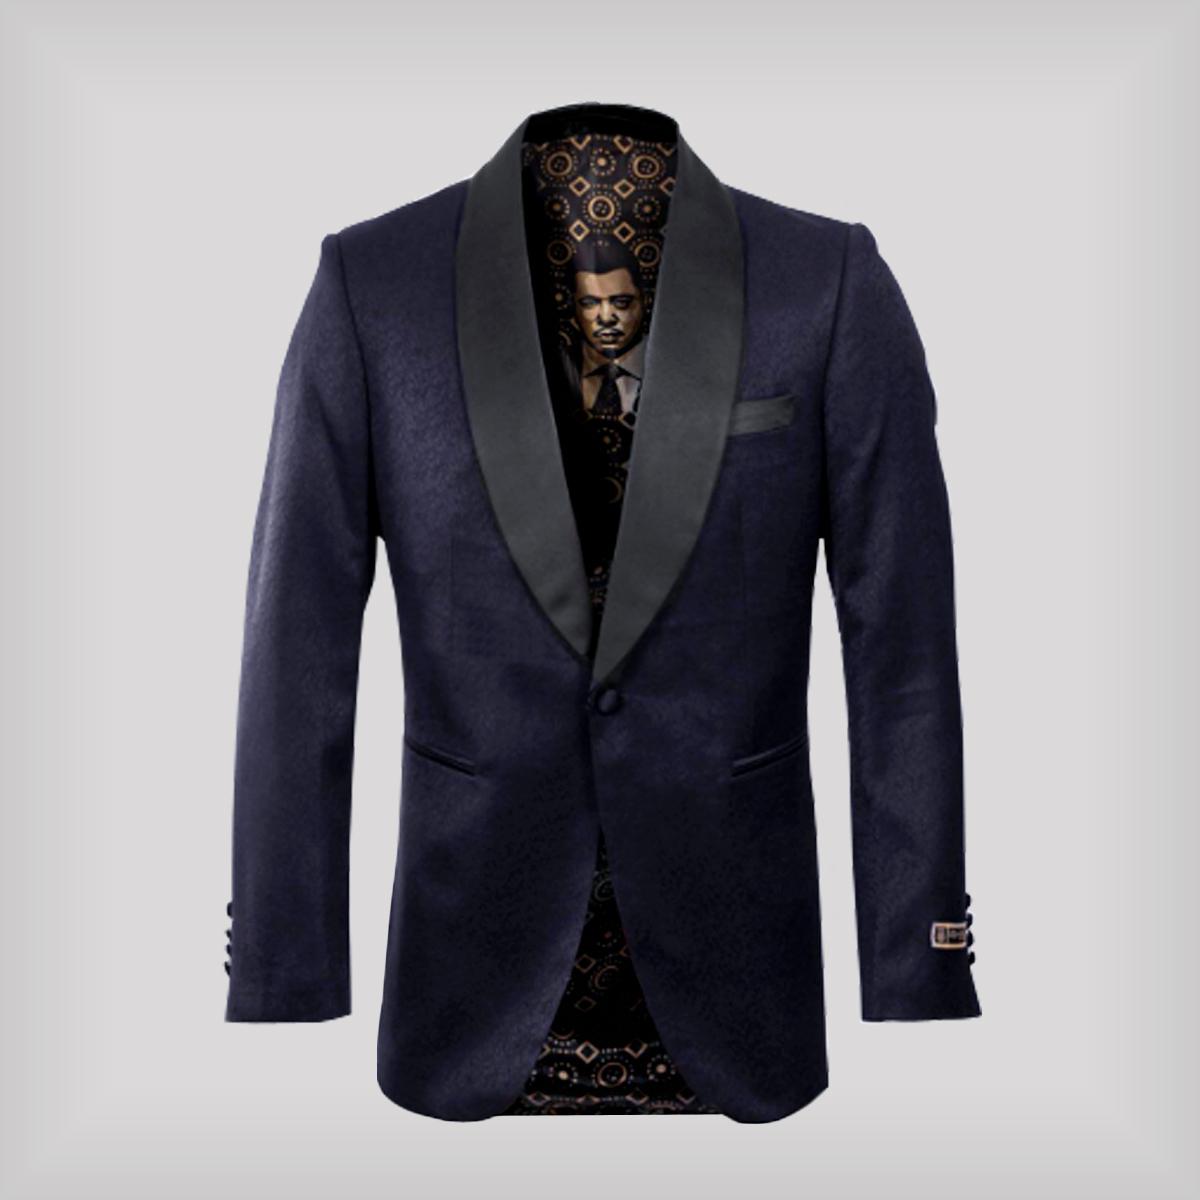 navy purchase tuxedo jacket